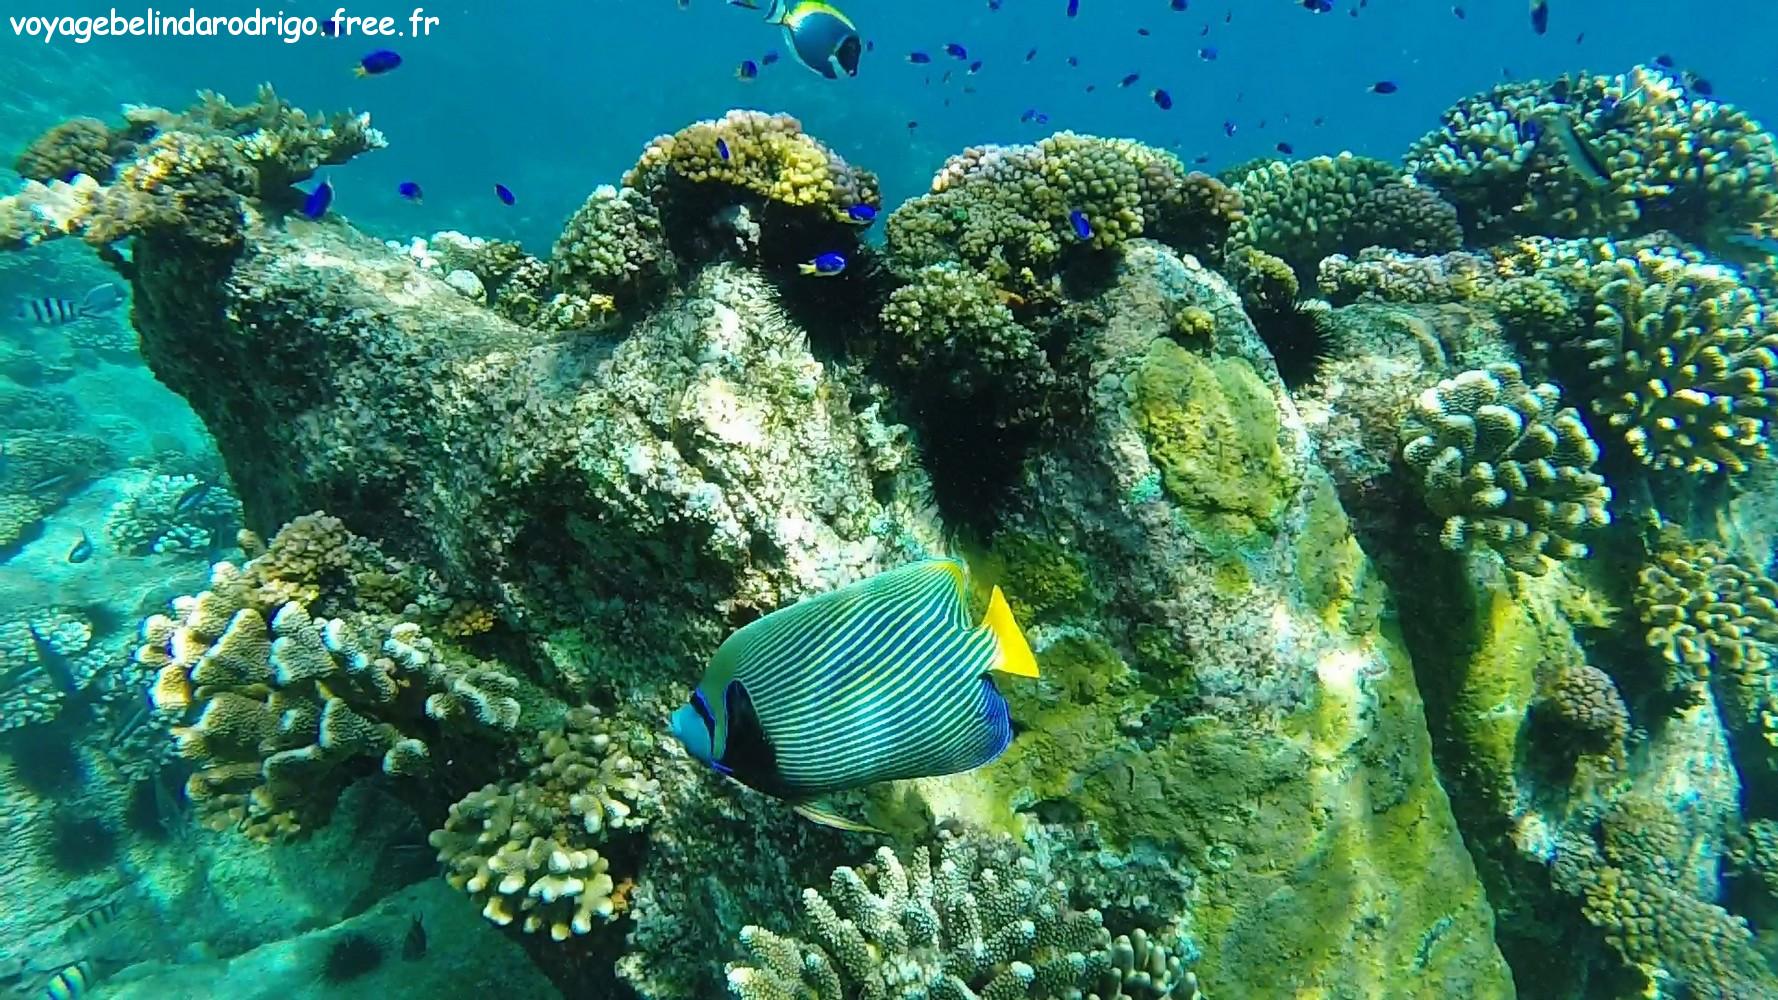 Poisson Ange empereur - Snorkeling -  Îles Félicité et Cocos